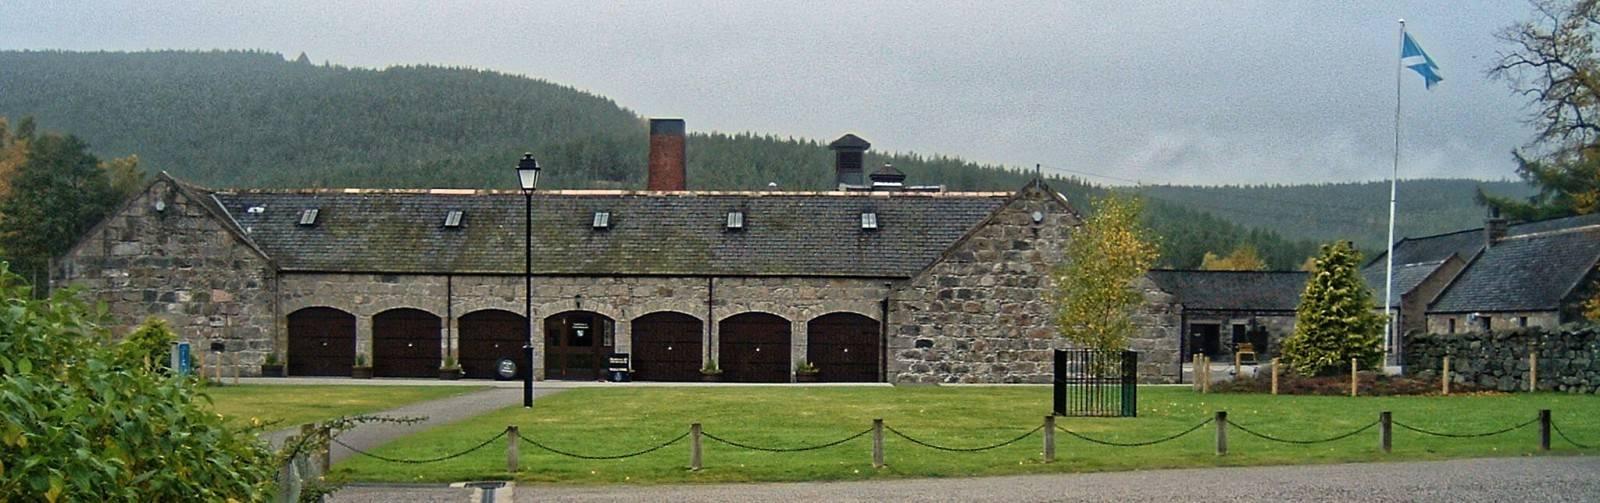 Royal Lochnagar Besucherzentrum